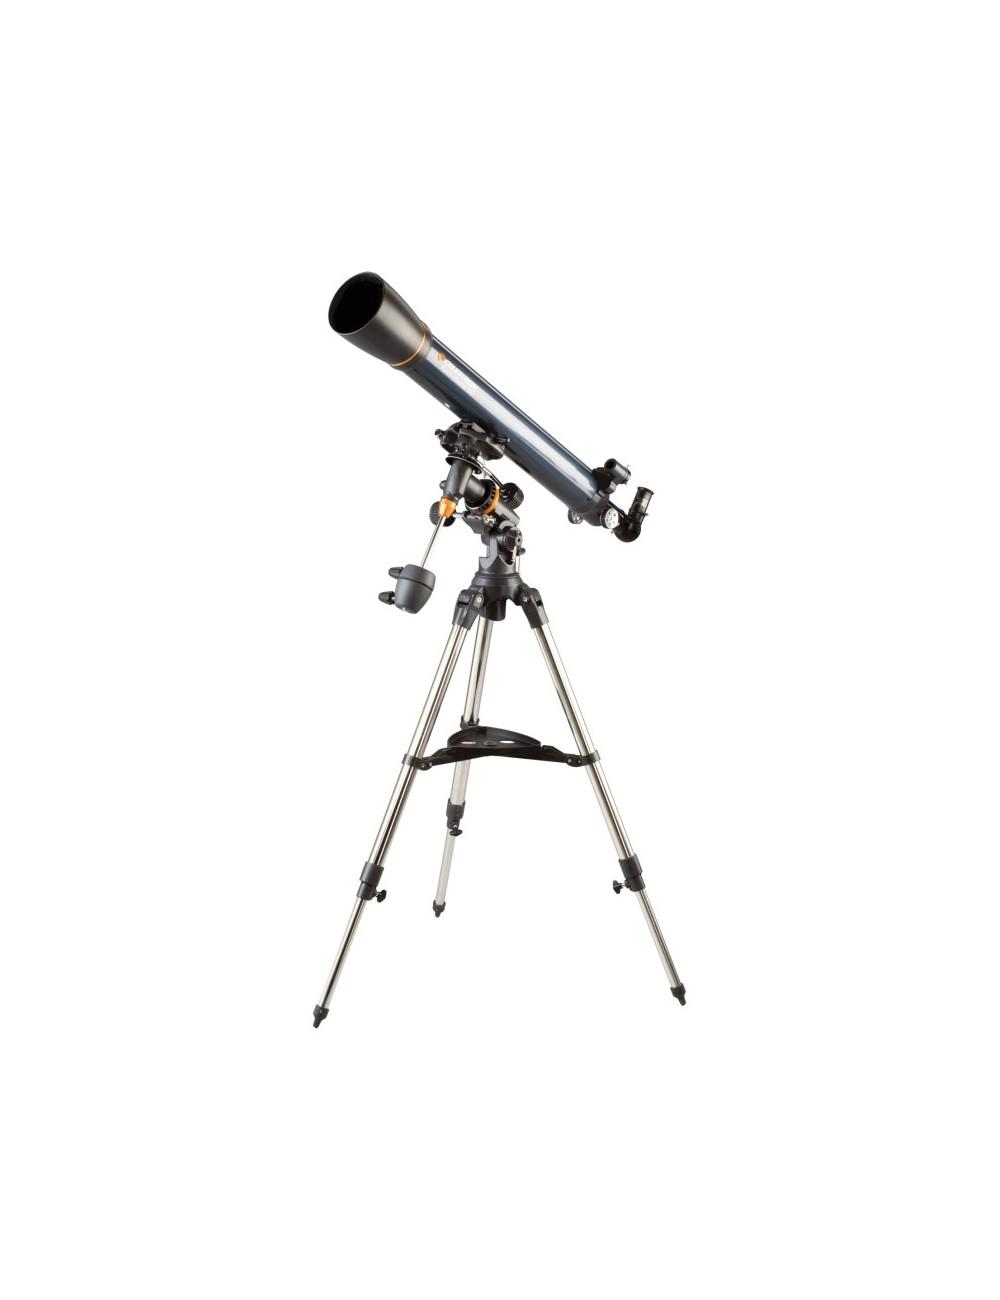 Lunette astronomique AstroMaster R90 EQ Celestron